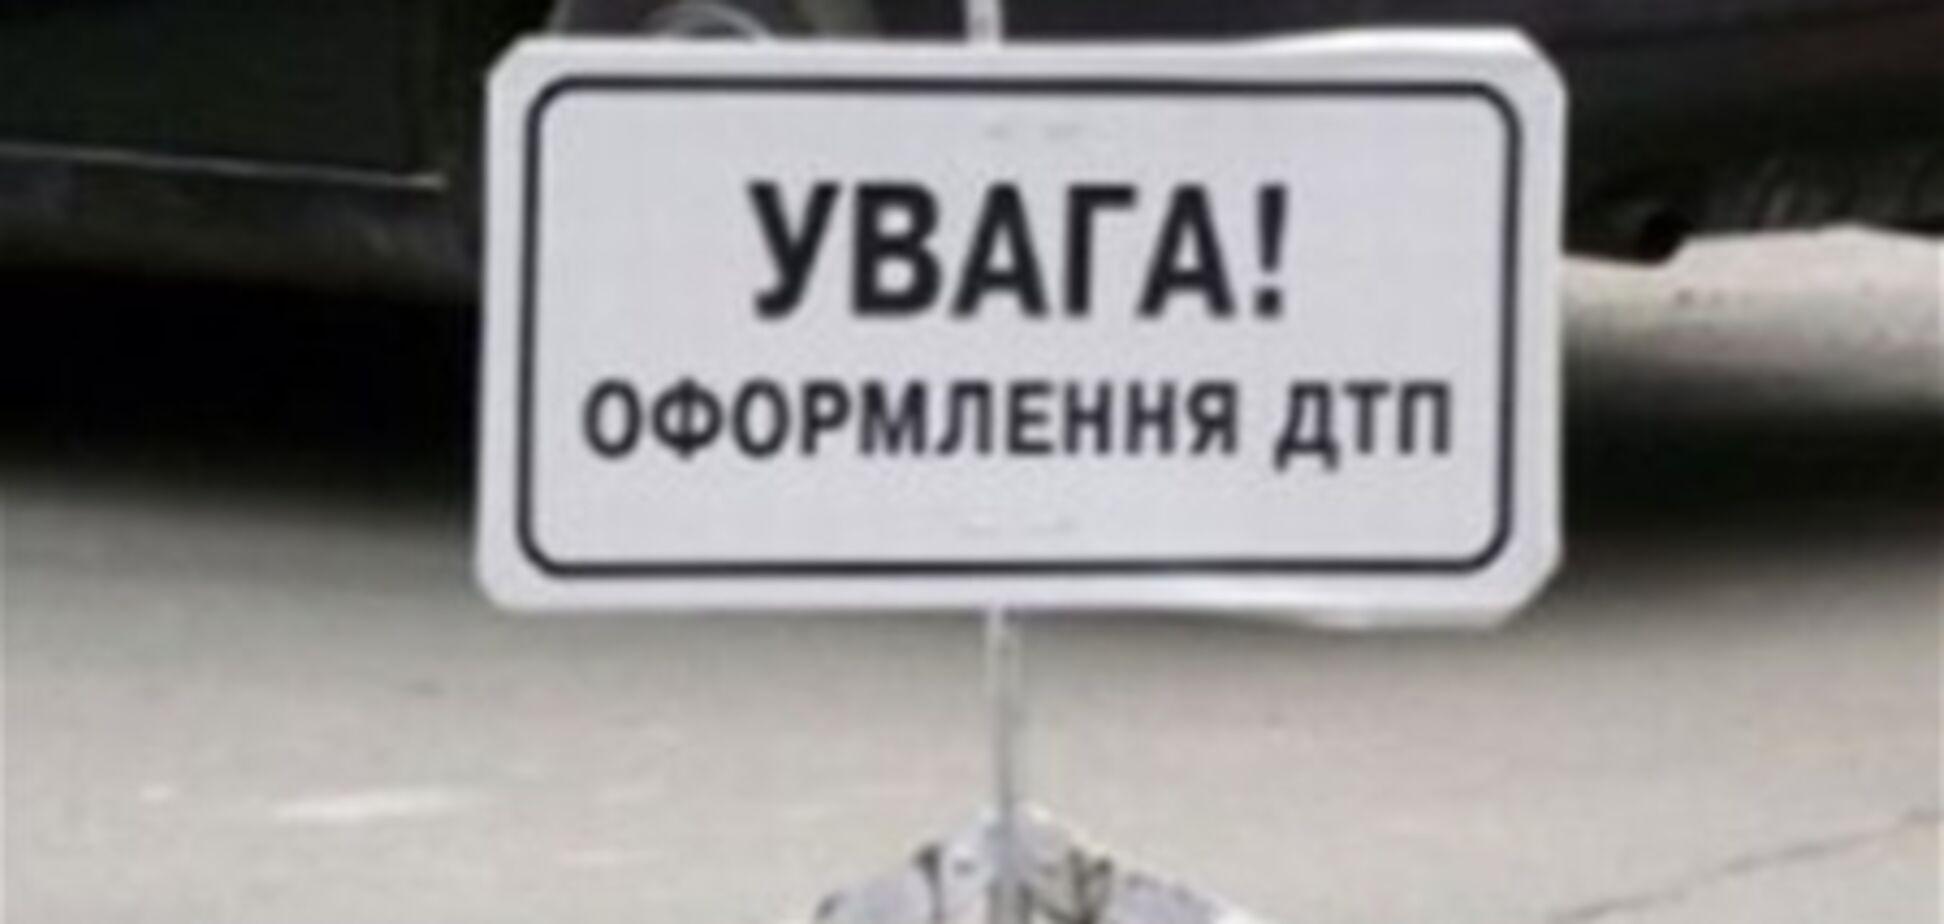 На Харьковщине ВАЗ насмерть сбил велосипедиста